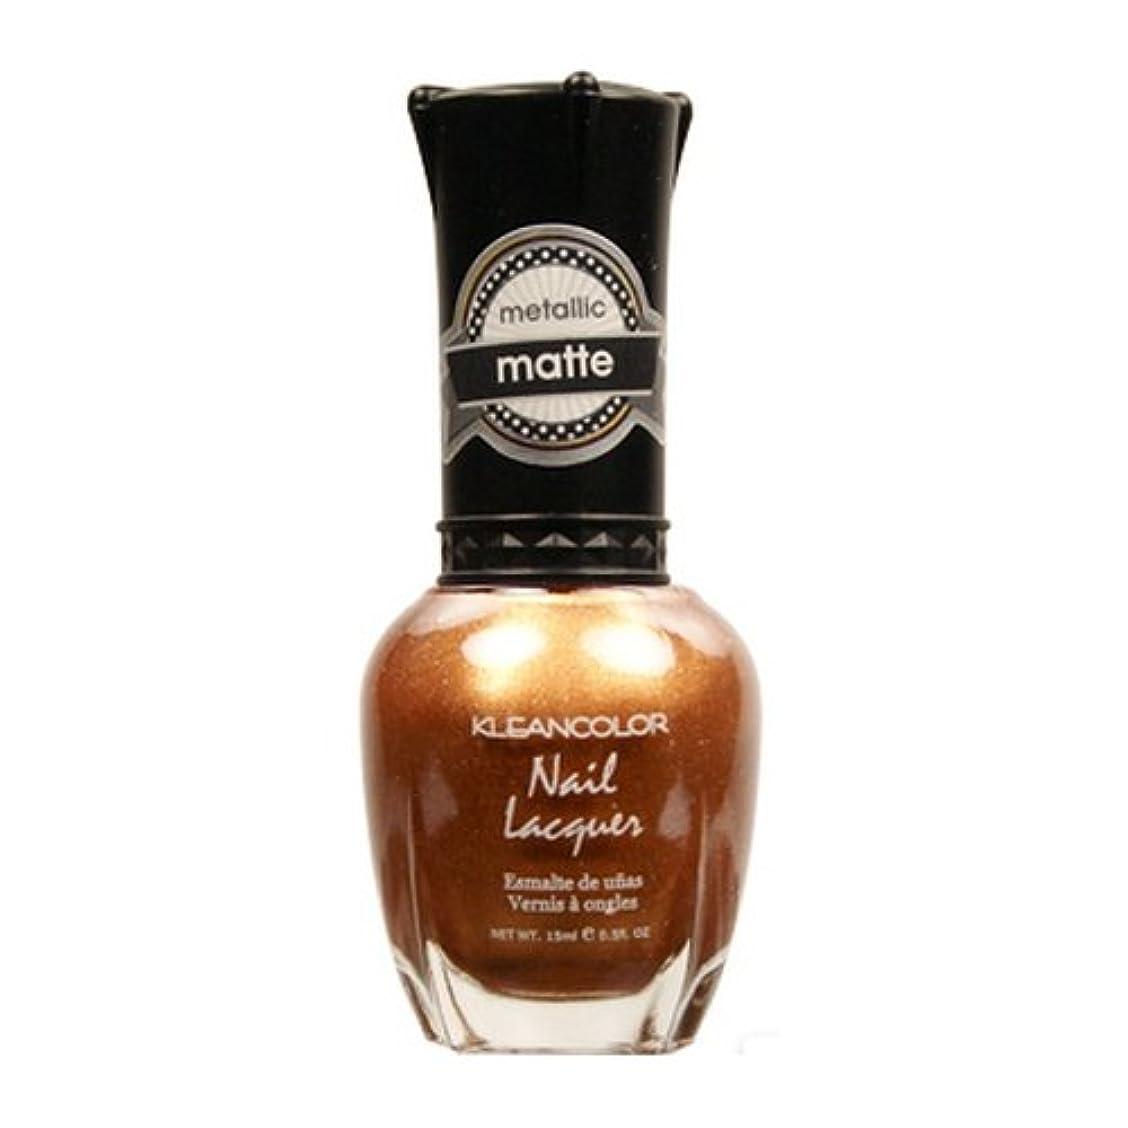 嫉妬故意に絶滅させるKLEANCOLOR Matte Nail Lacquer - Life in Gold Castle (並行輸入品)